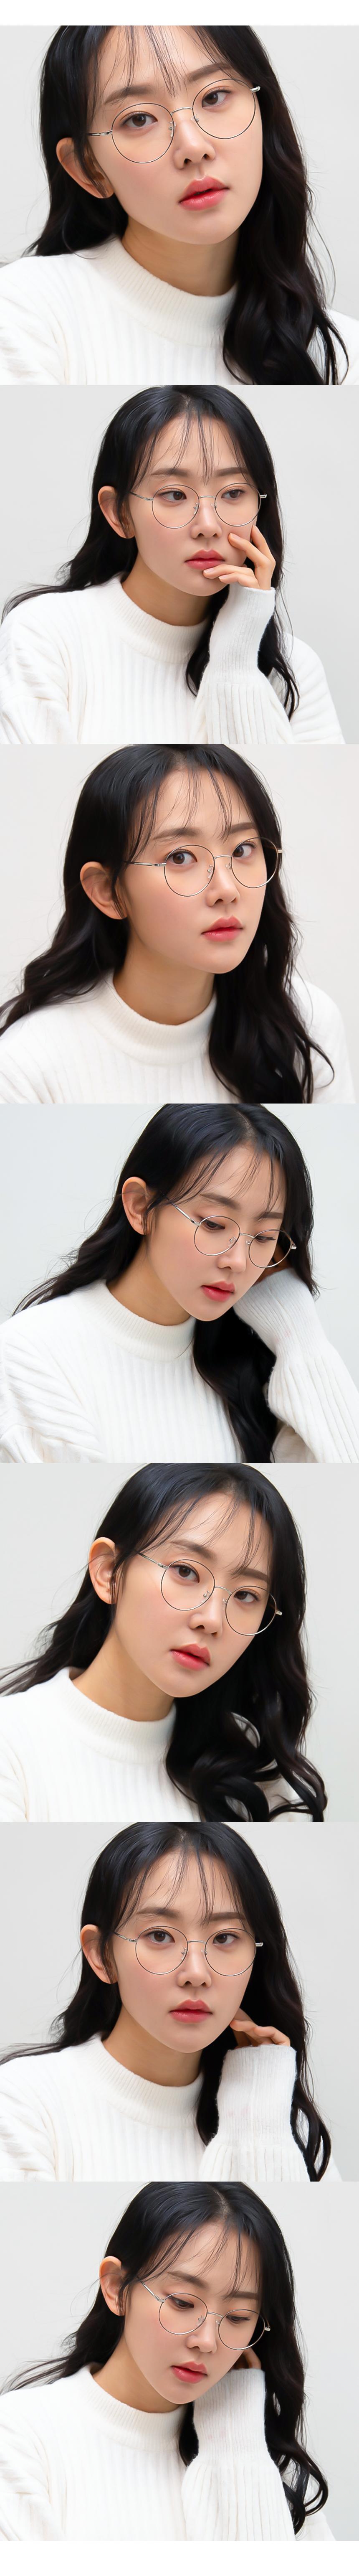 일삼사엠엠(134MM) 블루라이트 주문제작 本 실버 S000785